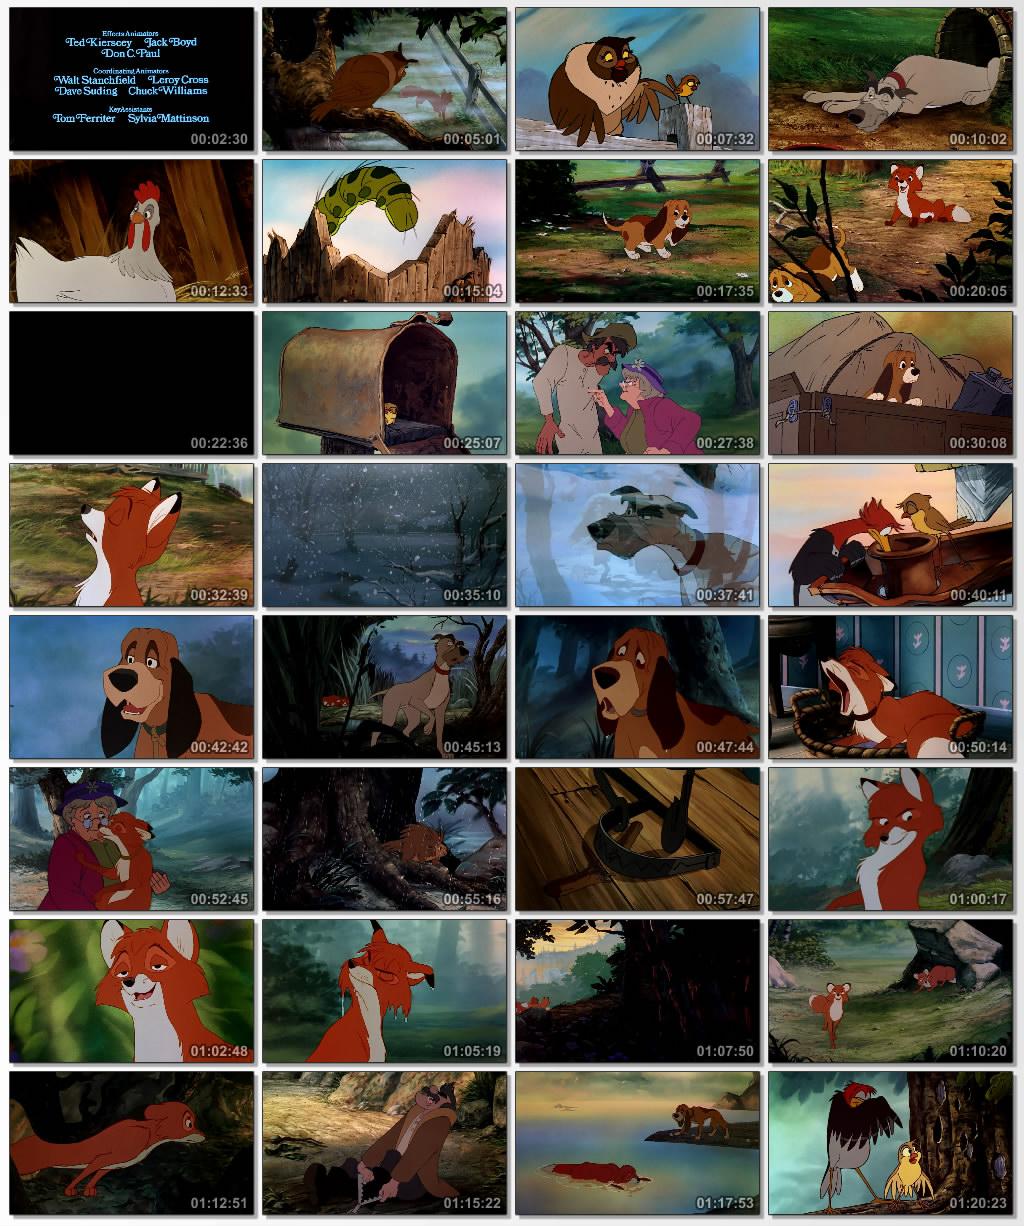 دانلود انیمیشن کارتونی The Fox and the Hound 1981